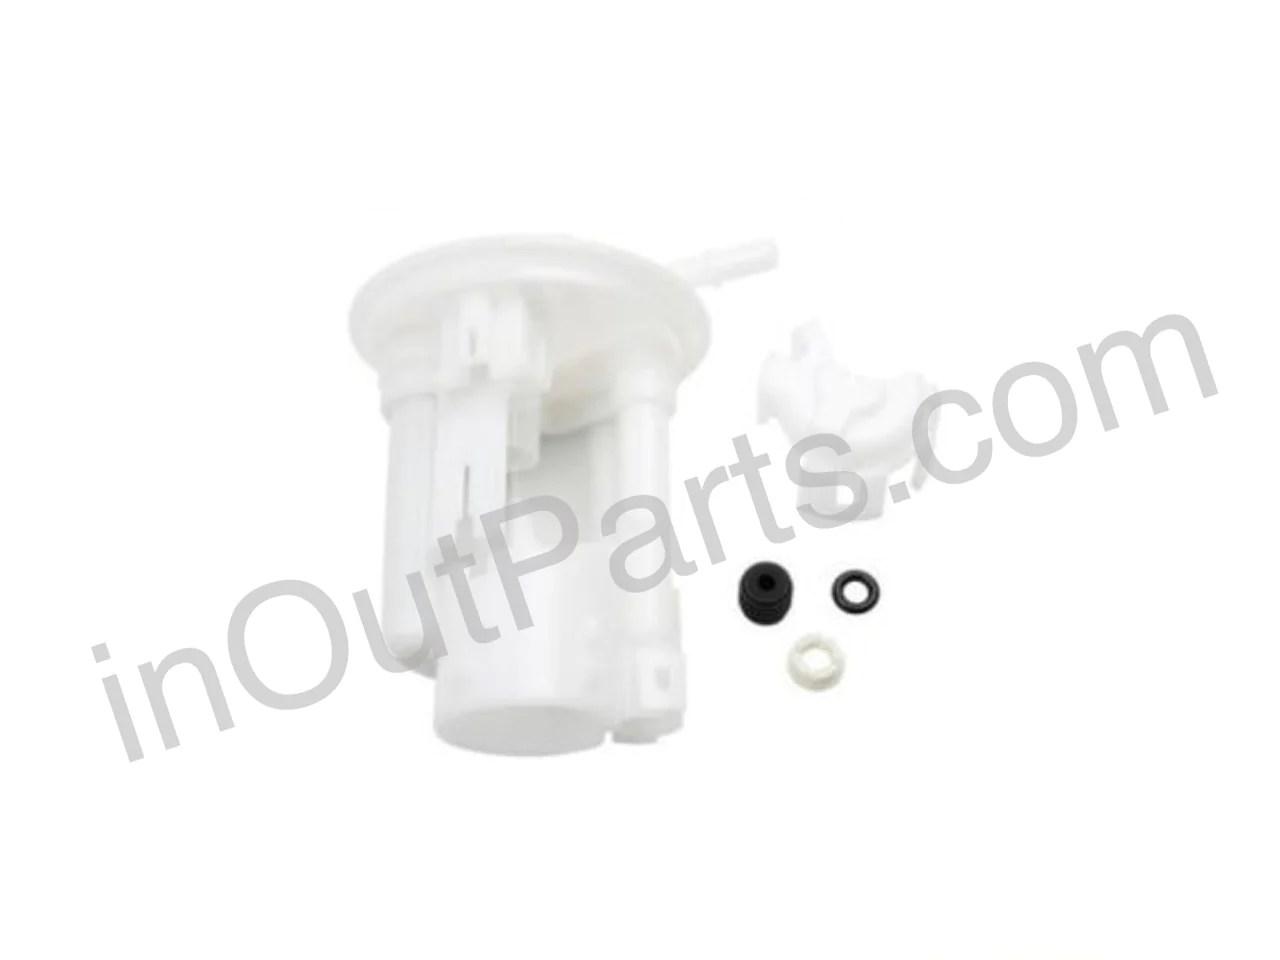 fuel filter fits honda stream 2000 2001 2002 2003 2004 2005 2006 inout parts [ 1280 x 960 Pixel ]